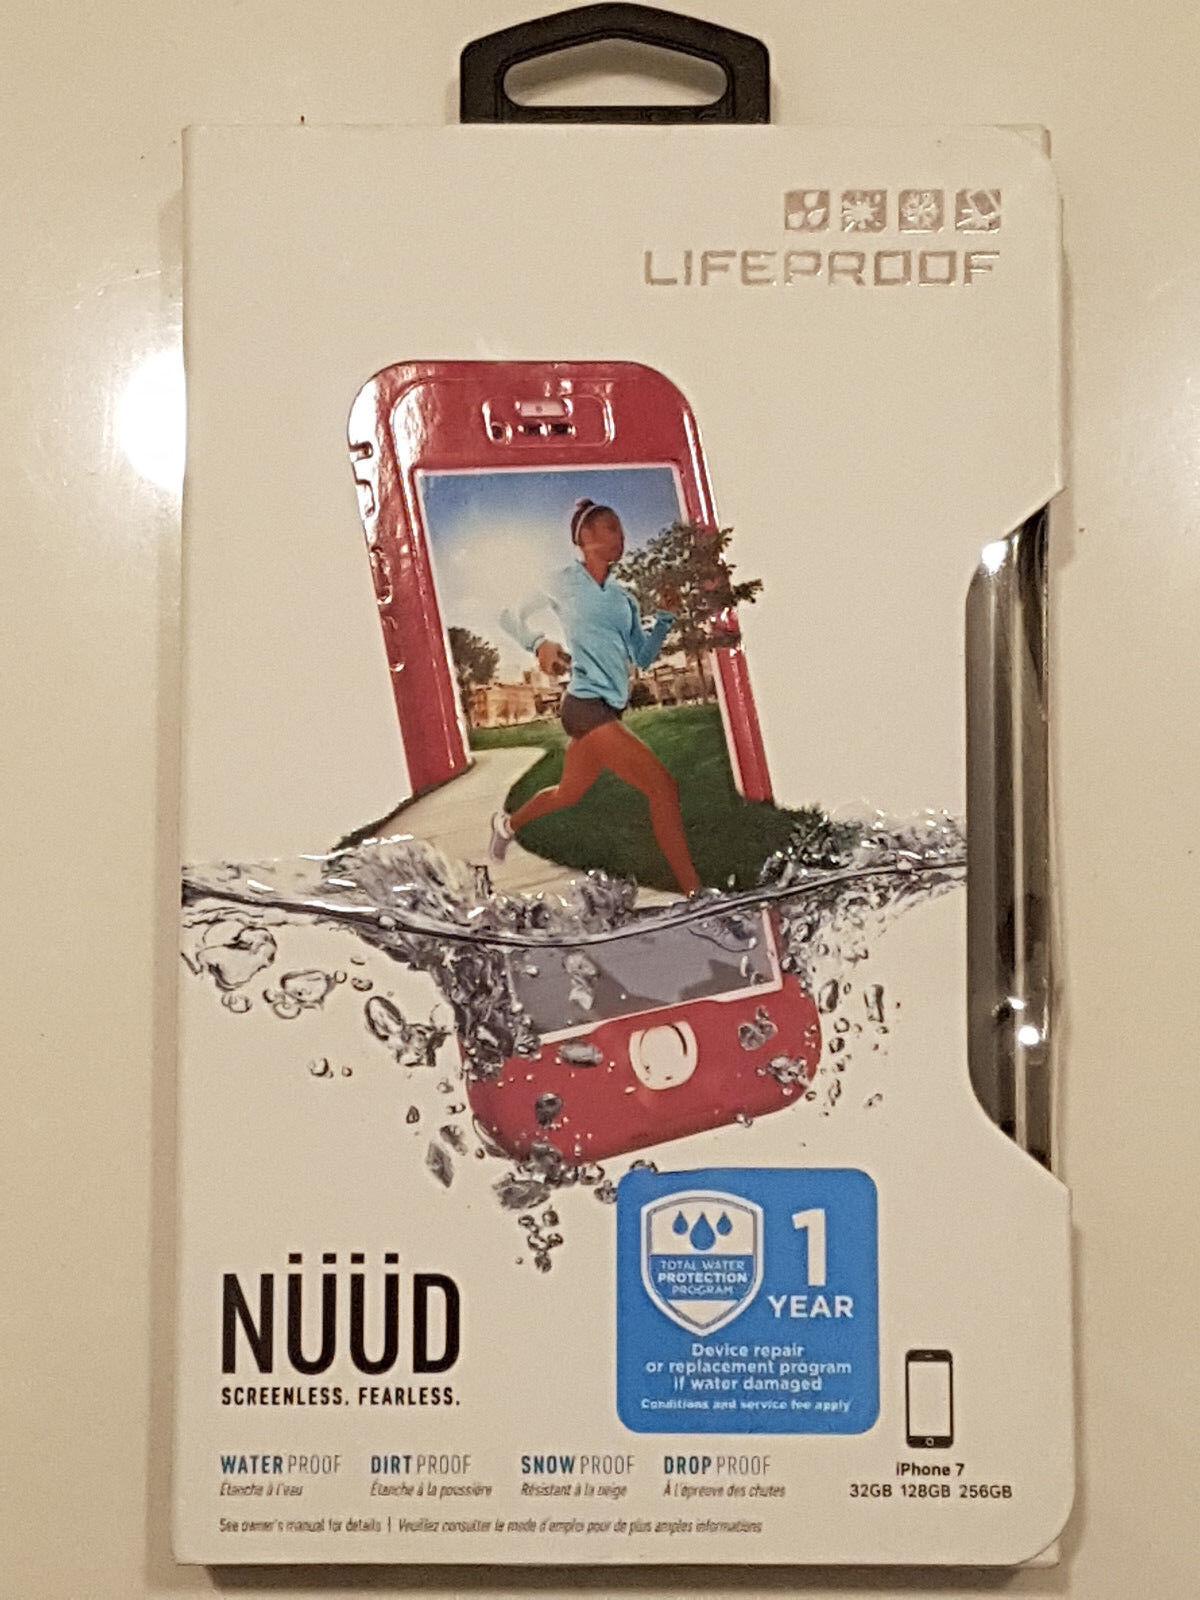 Lifeproof Nuud Waterproof Case For Iphone 7 Plum Reef Purple M21 Ebay Samsung Galaxy S6 Fre 77 51242 Black